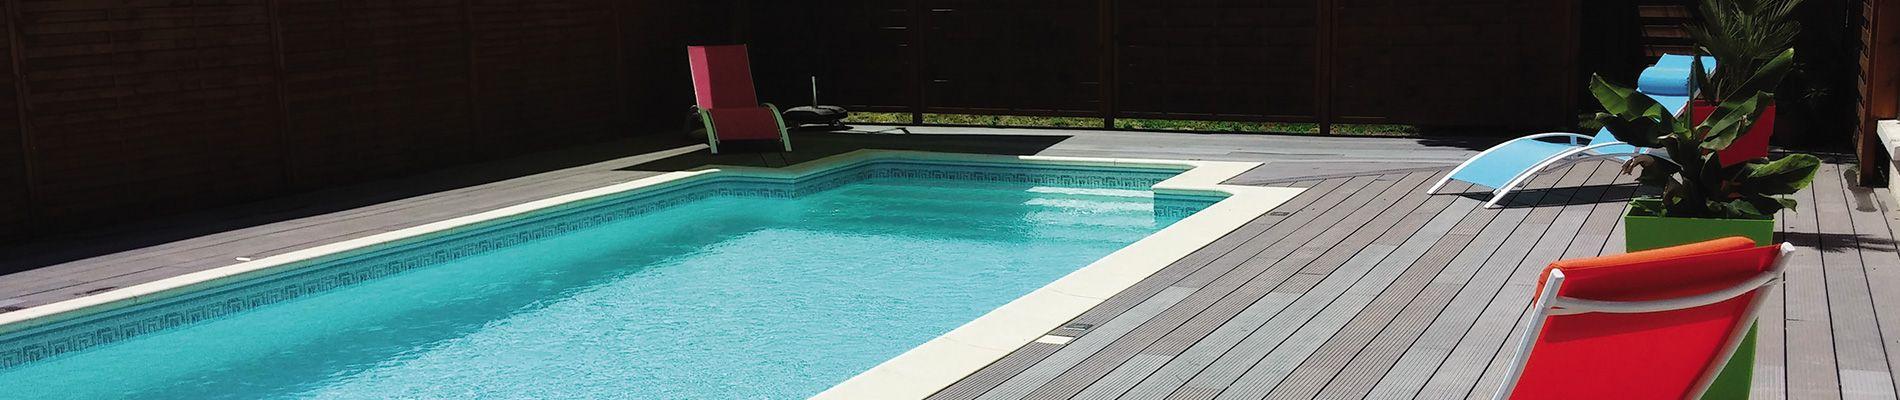 ÉLITE, la piscine rectangulaire